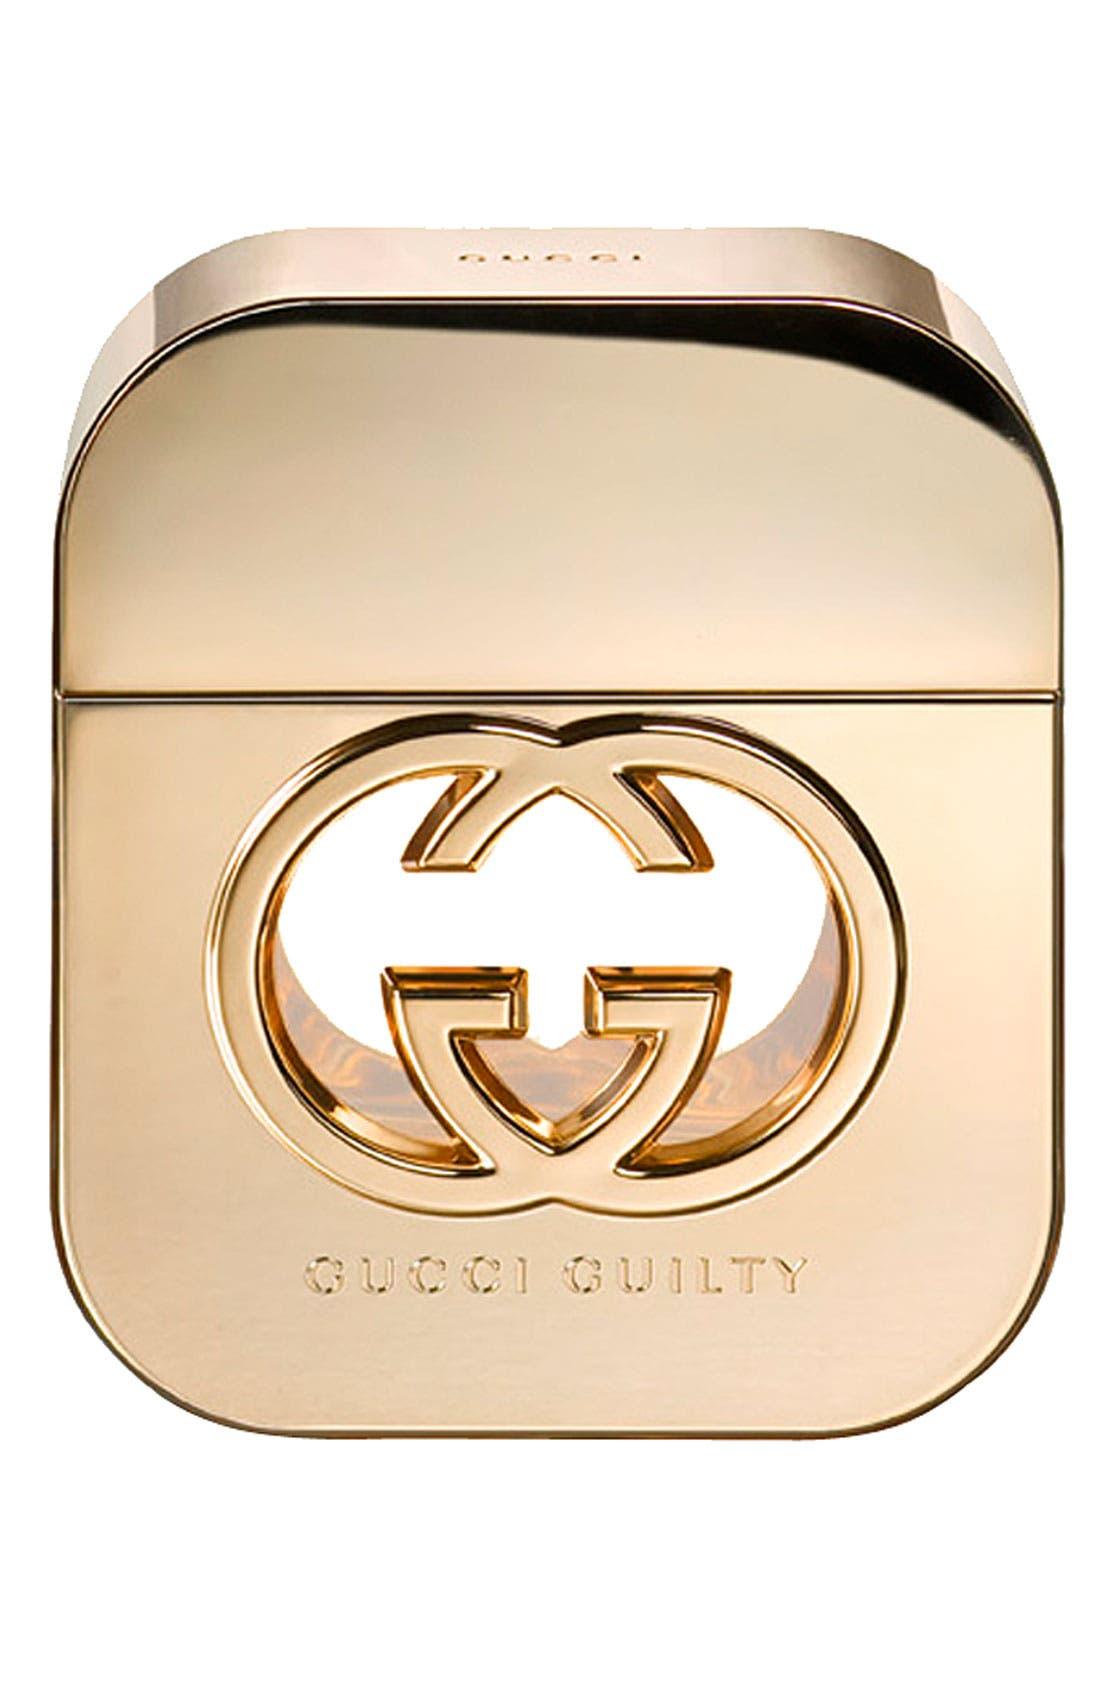 Gucci 'Guilty' Eau de Toilette